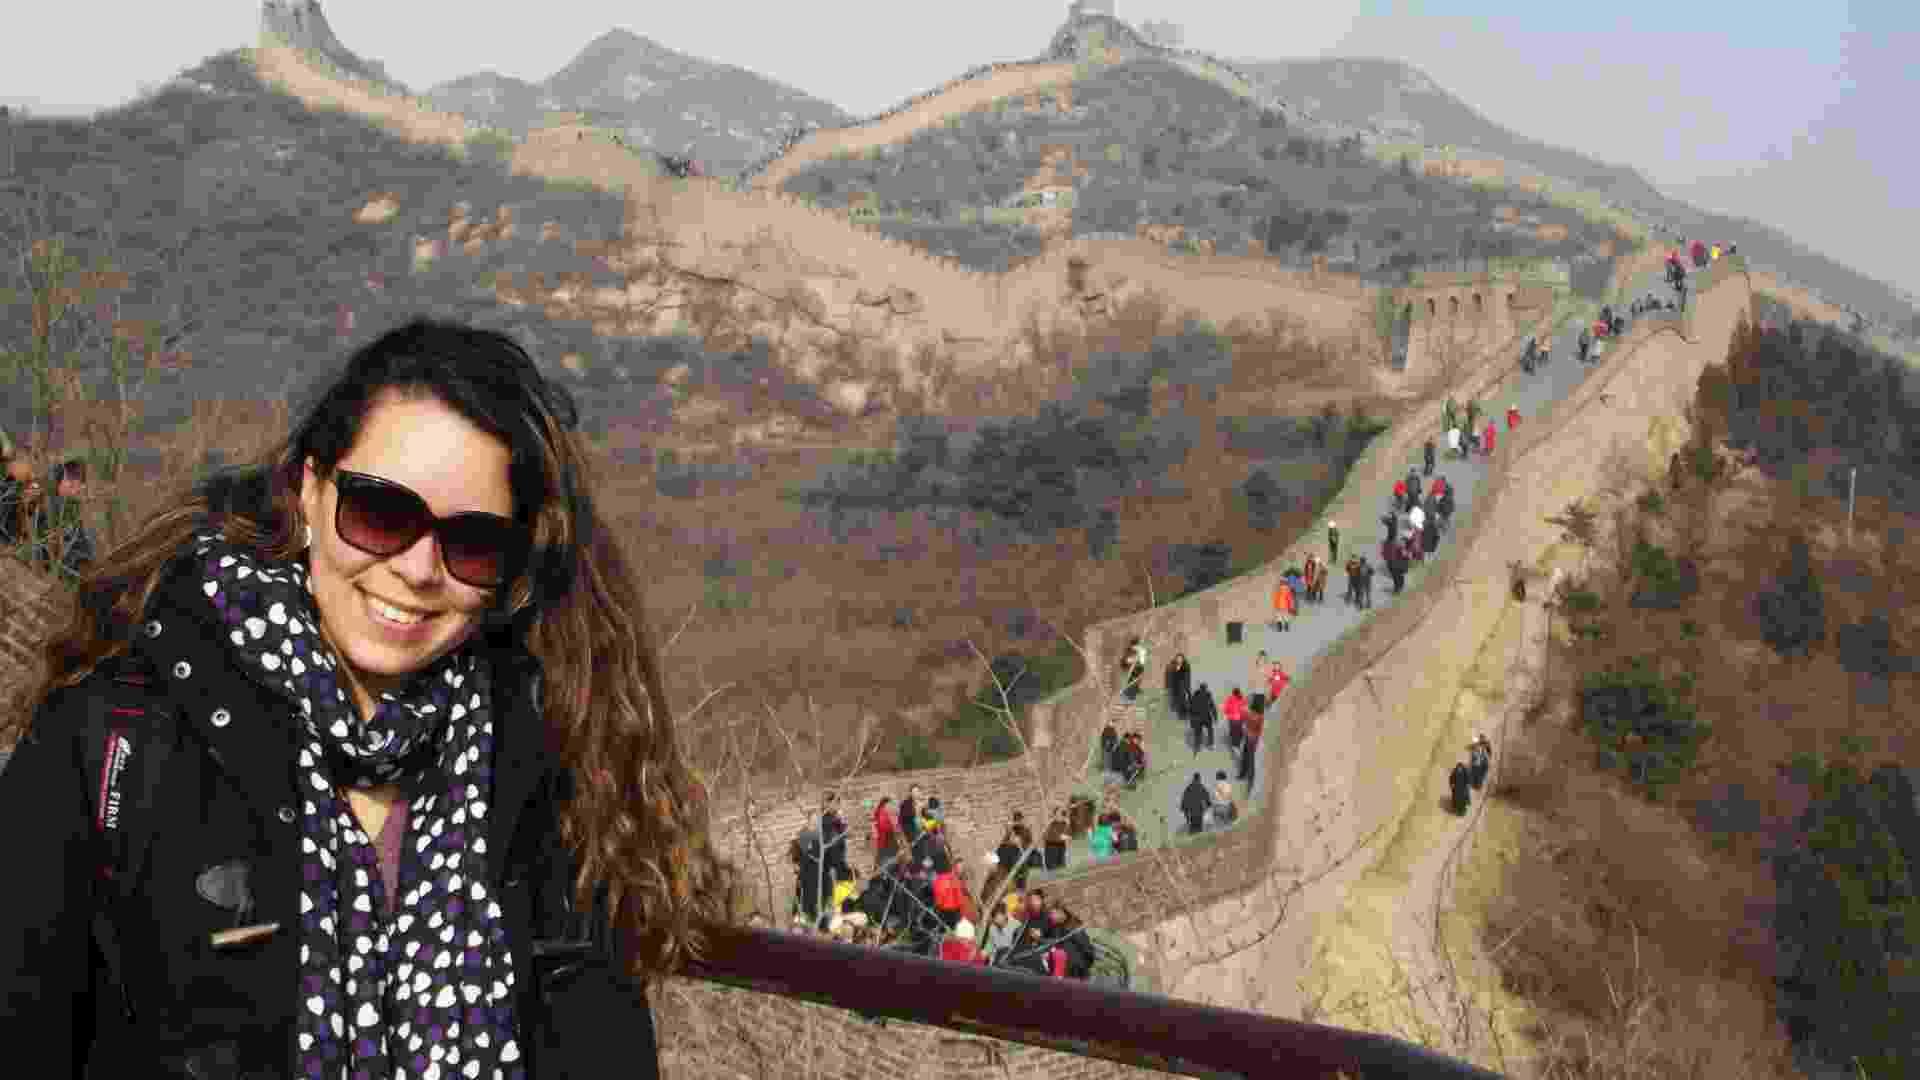 Ariadne Nardeli, 24, fez intercâmbio social em Xangai, na China, entre dezembro de 2011 E fevereiro de 2012, na área de sustentabilidade. Ela é gerente de desenvolvimento de negócios da Aiesec, organização que envia jovens estudantes para intercâmbios sociais e profissionais no exterior. Ariadne estuda e está no 4° ano de Relações Internacionais na Universidade Anhembi Morumbi. - Acervo Pessoal